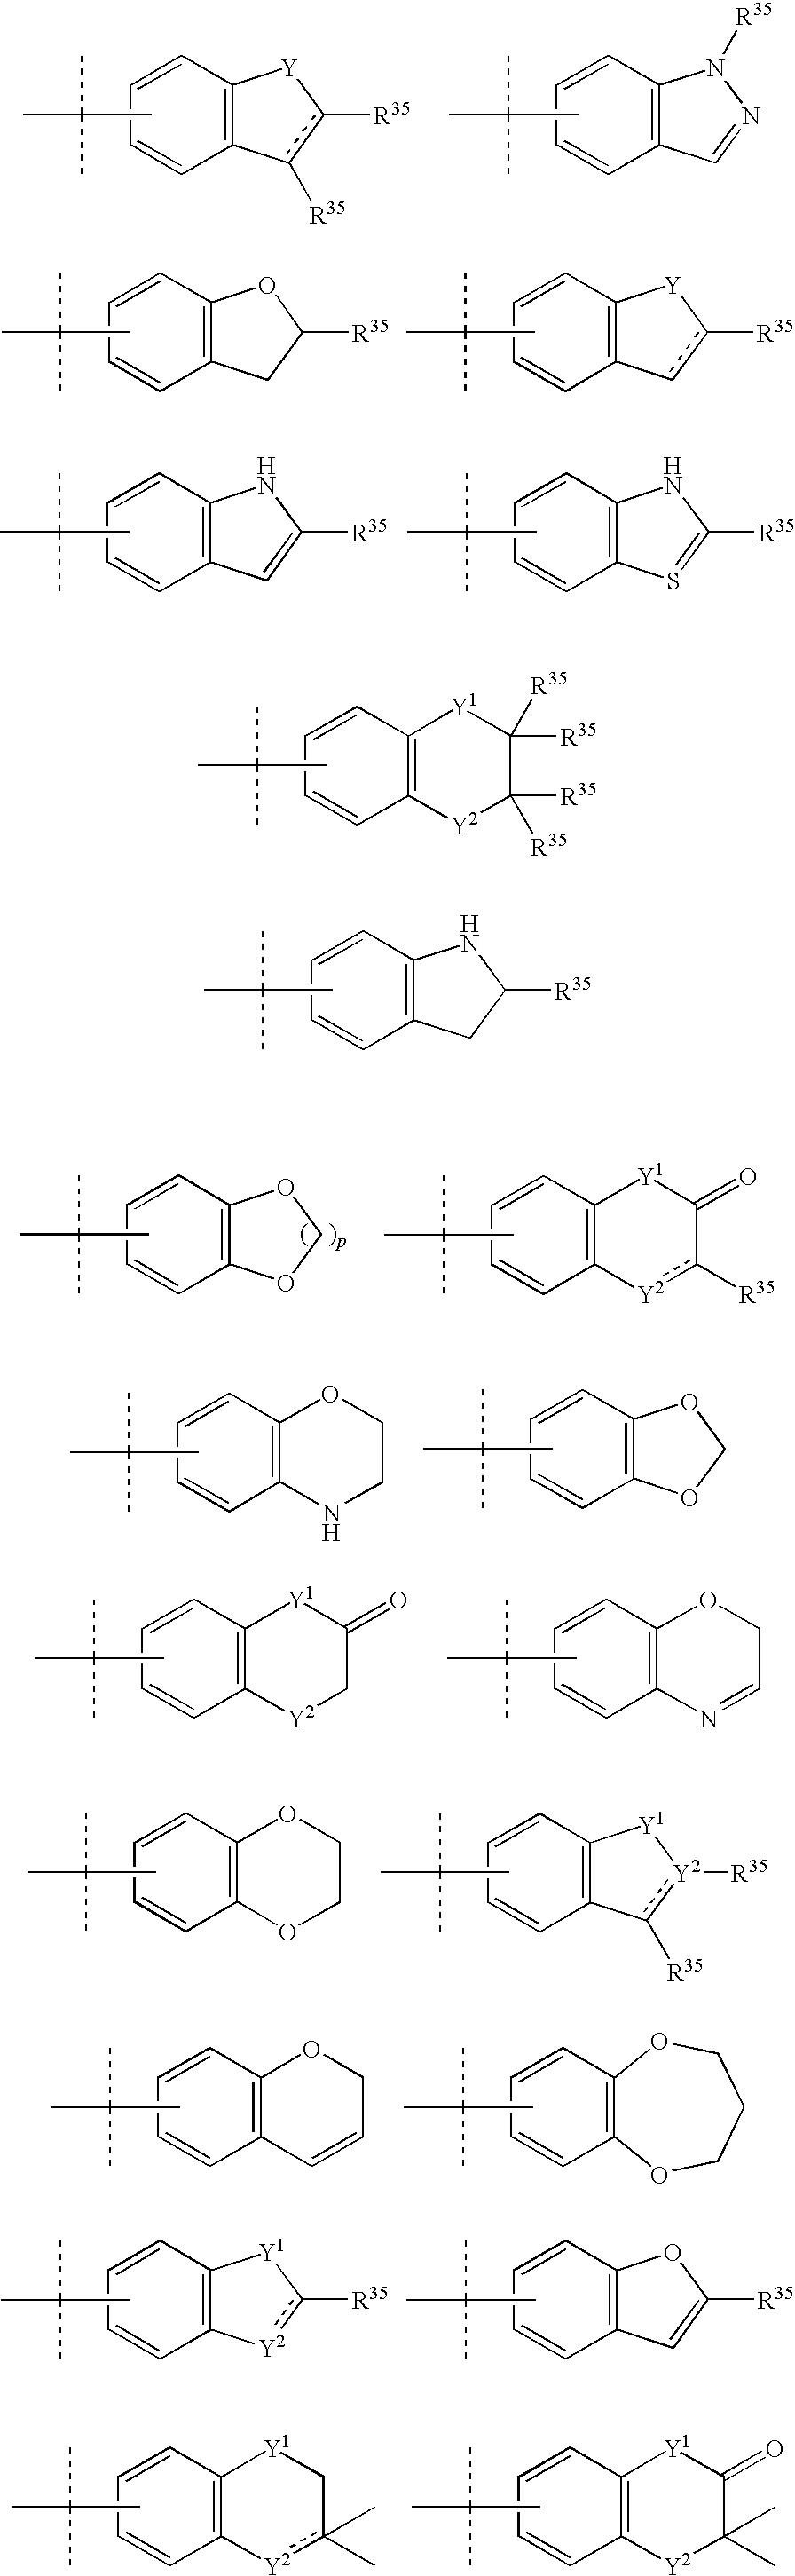 Figure US07803939-20100928-C00014